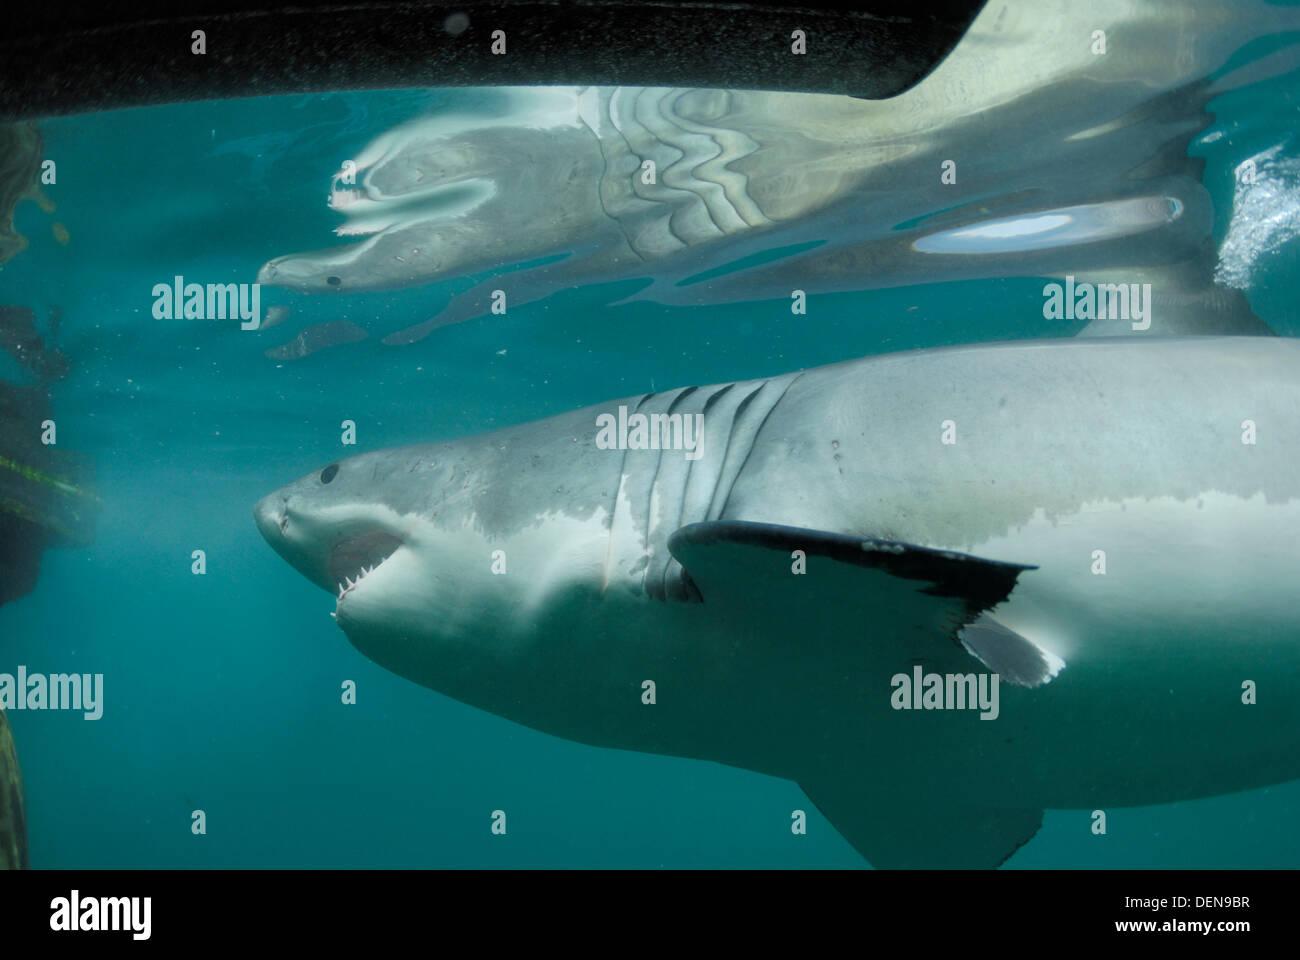 Hermosa Anatomía Gran Tiburón Blanco Imagen - Anatomía de Las ...